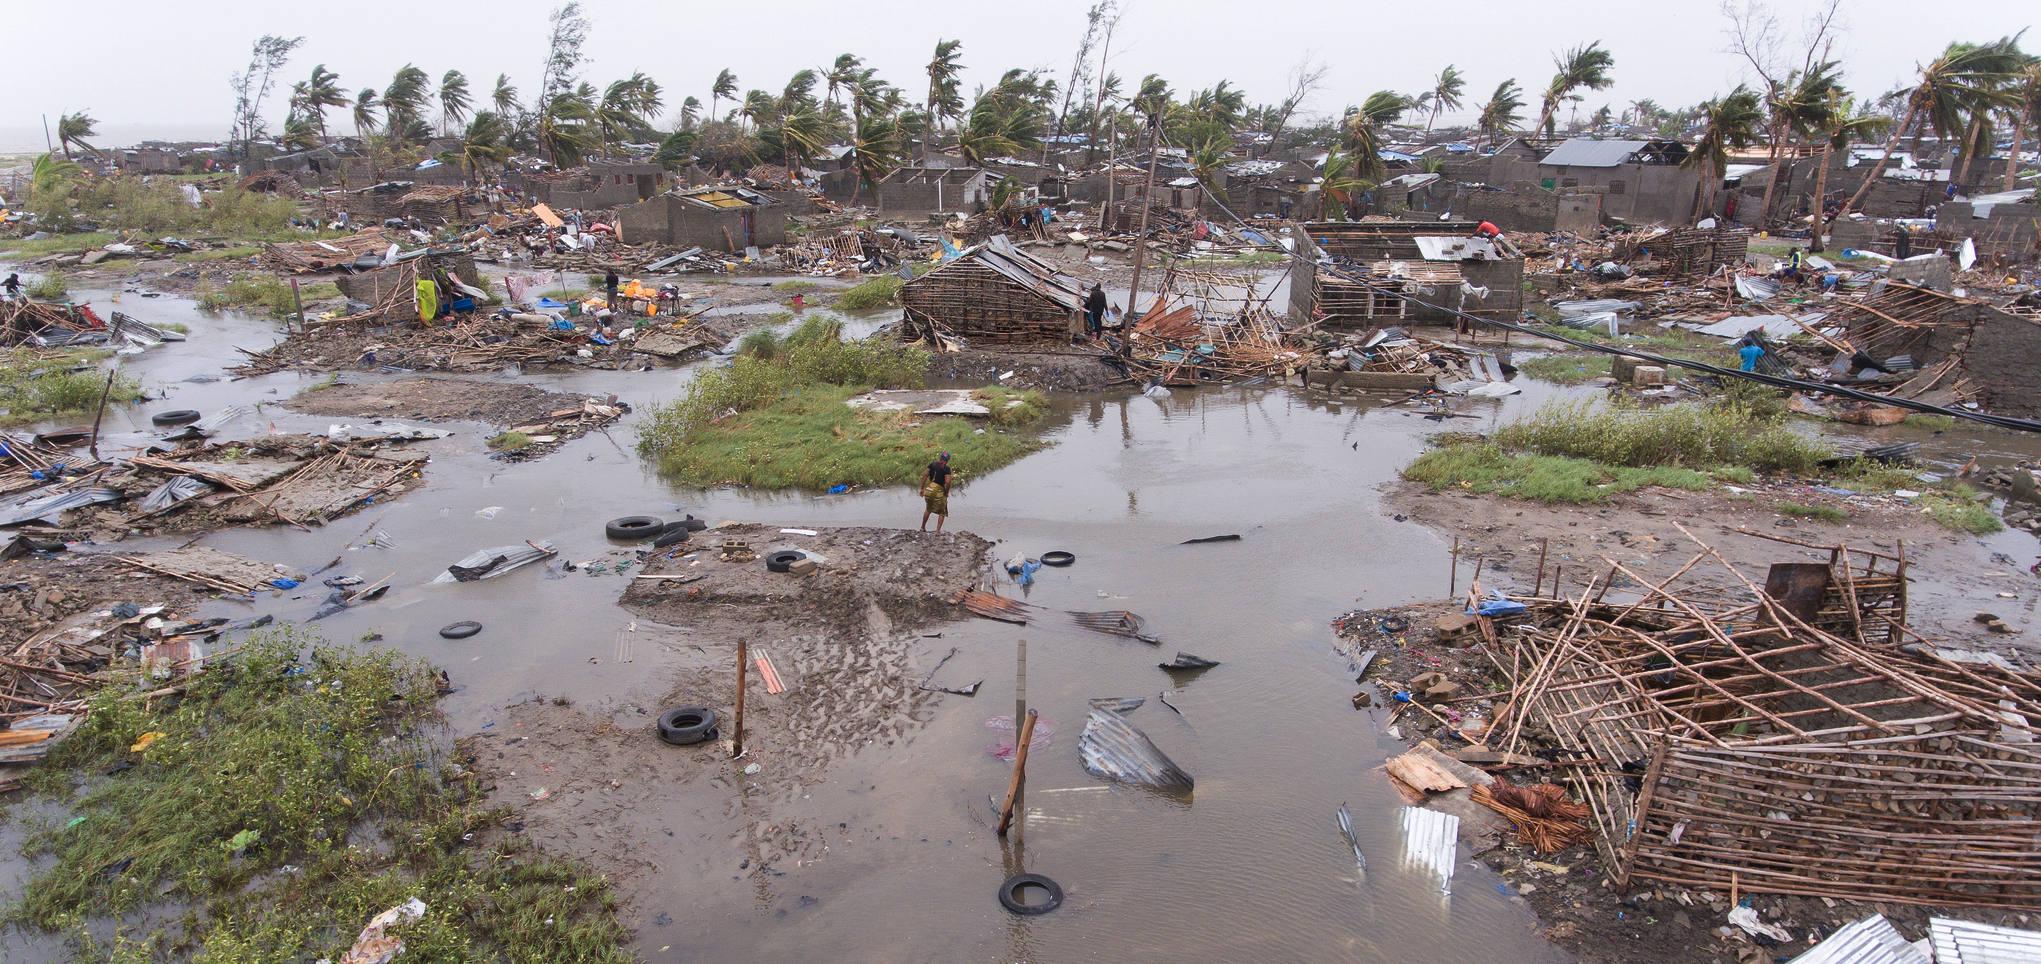 """El Ayuntamiento de Utiel solicita la colaboración de voluntariado para las tareas de almacenaje y carga de los materiales destinados a los afectados por el ciclón """"Idai""""."""